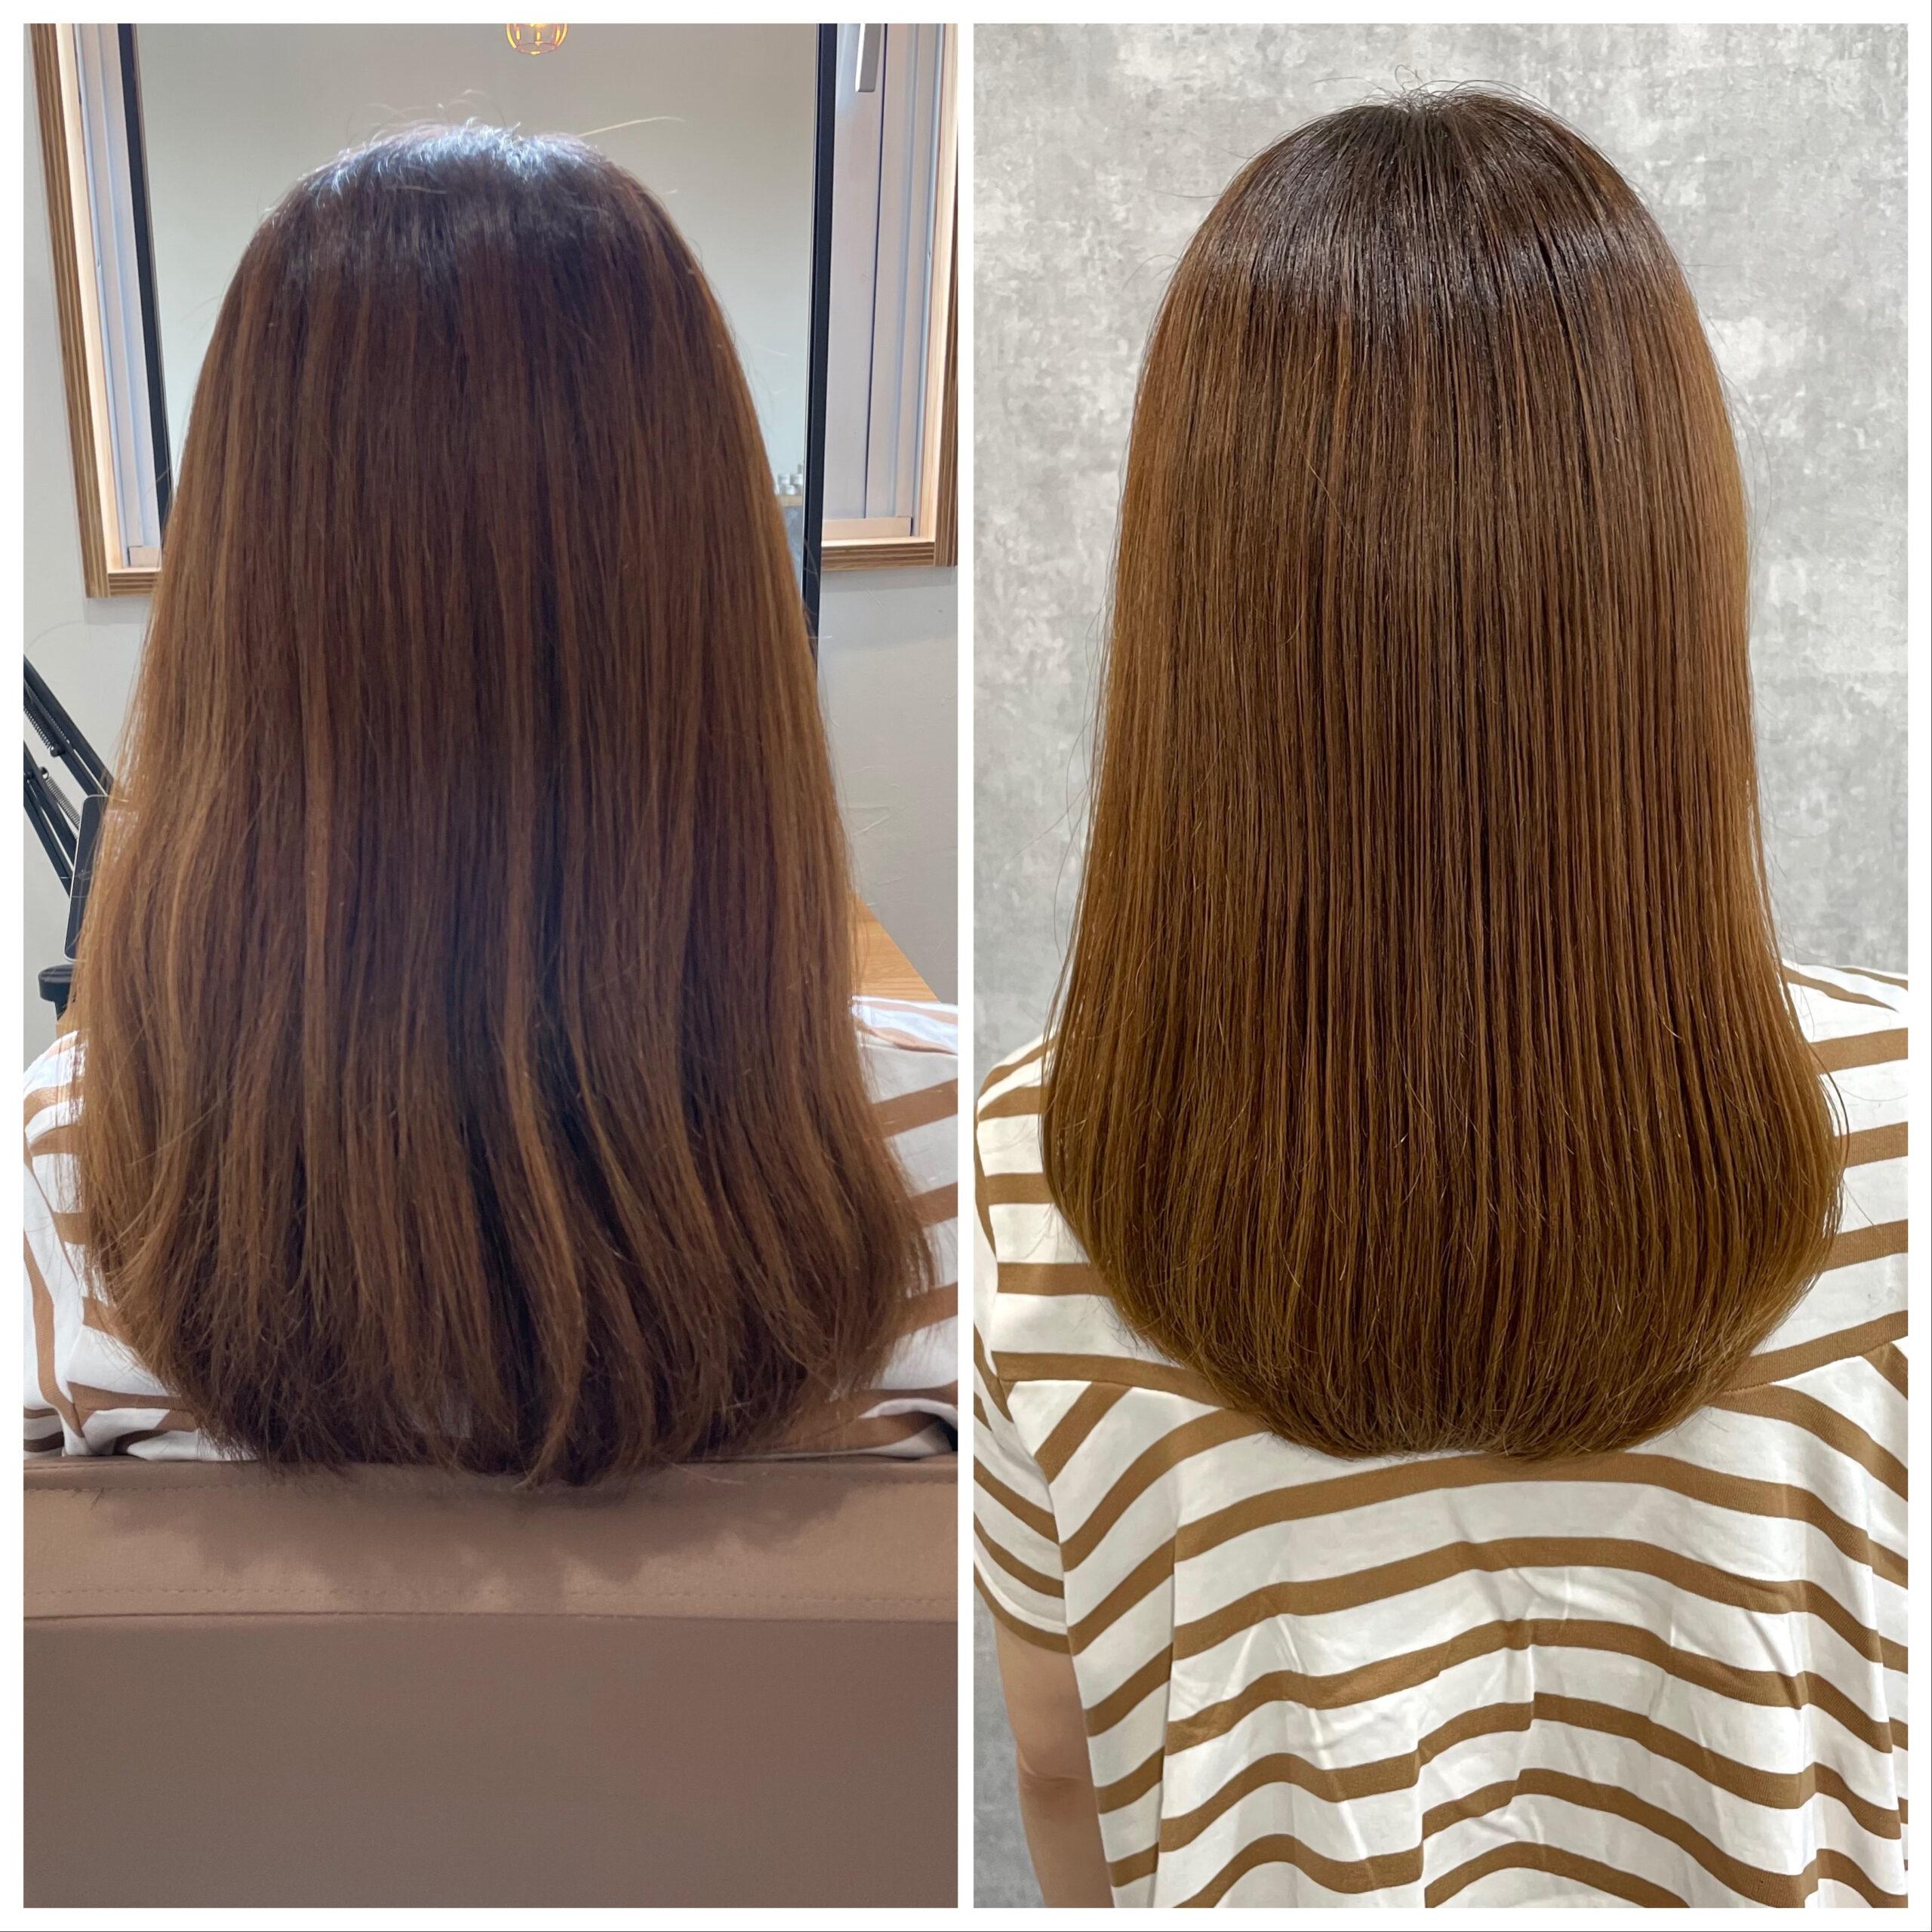 大分県別府市 弱酸性の縮毛矯正で髪質改善ストカール ビフォーアフター